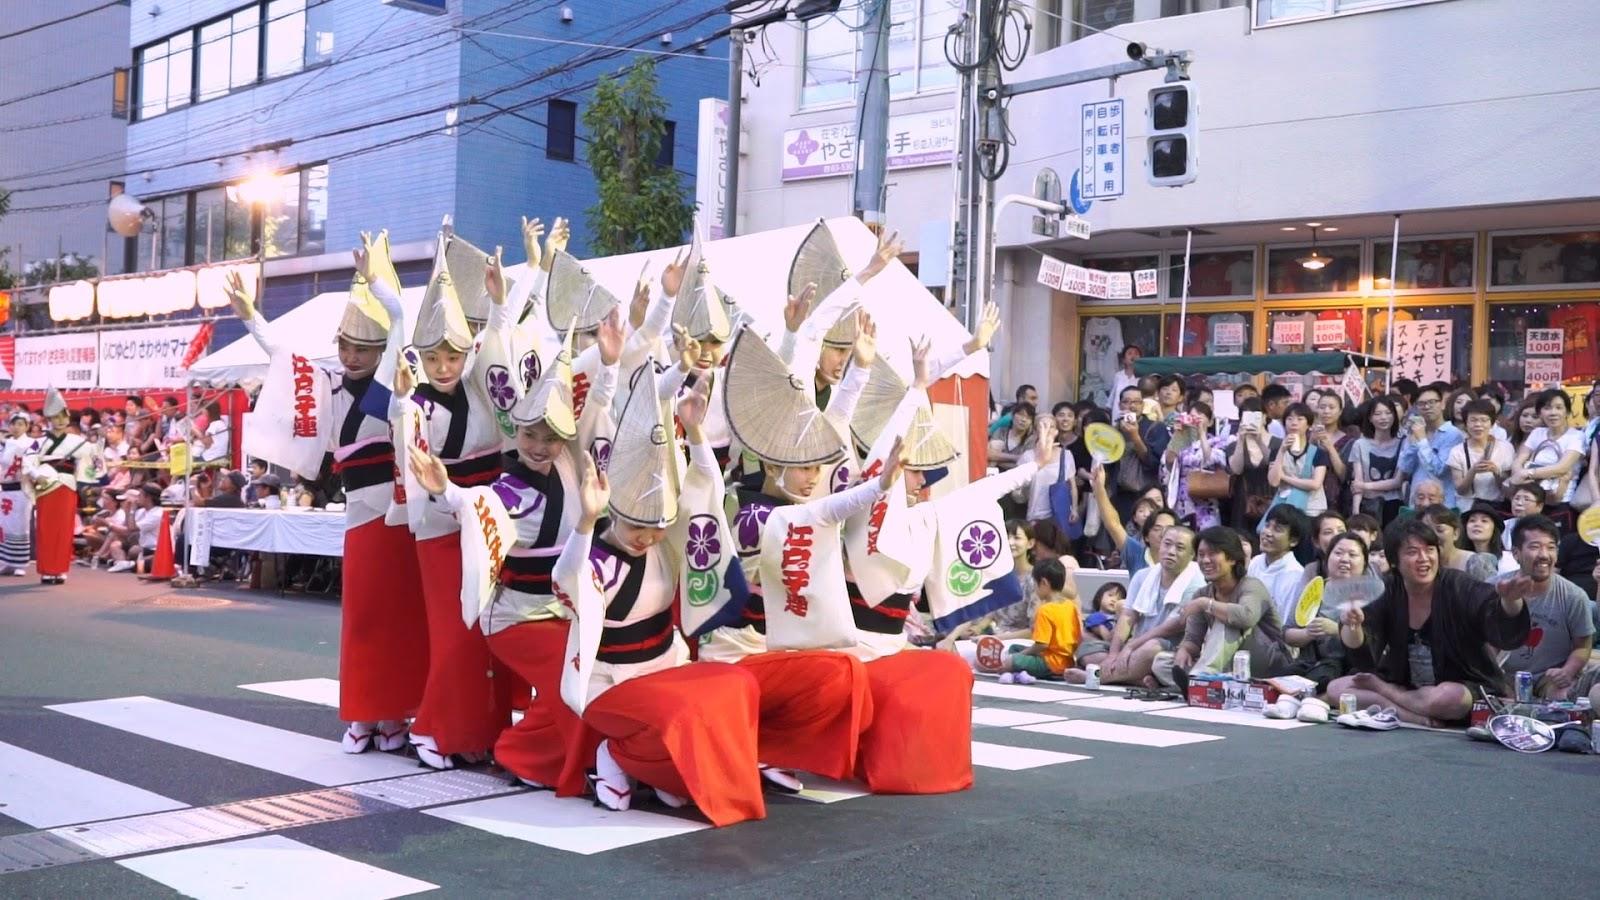 高円寺阿波おどり、江戸っ子連の動画を見る